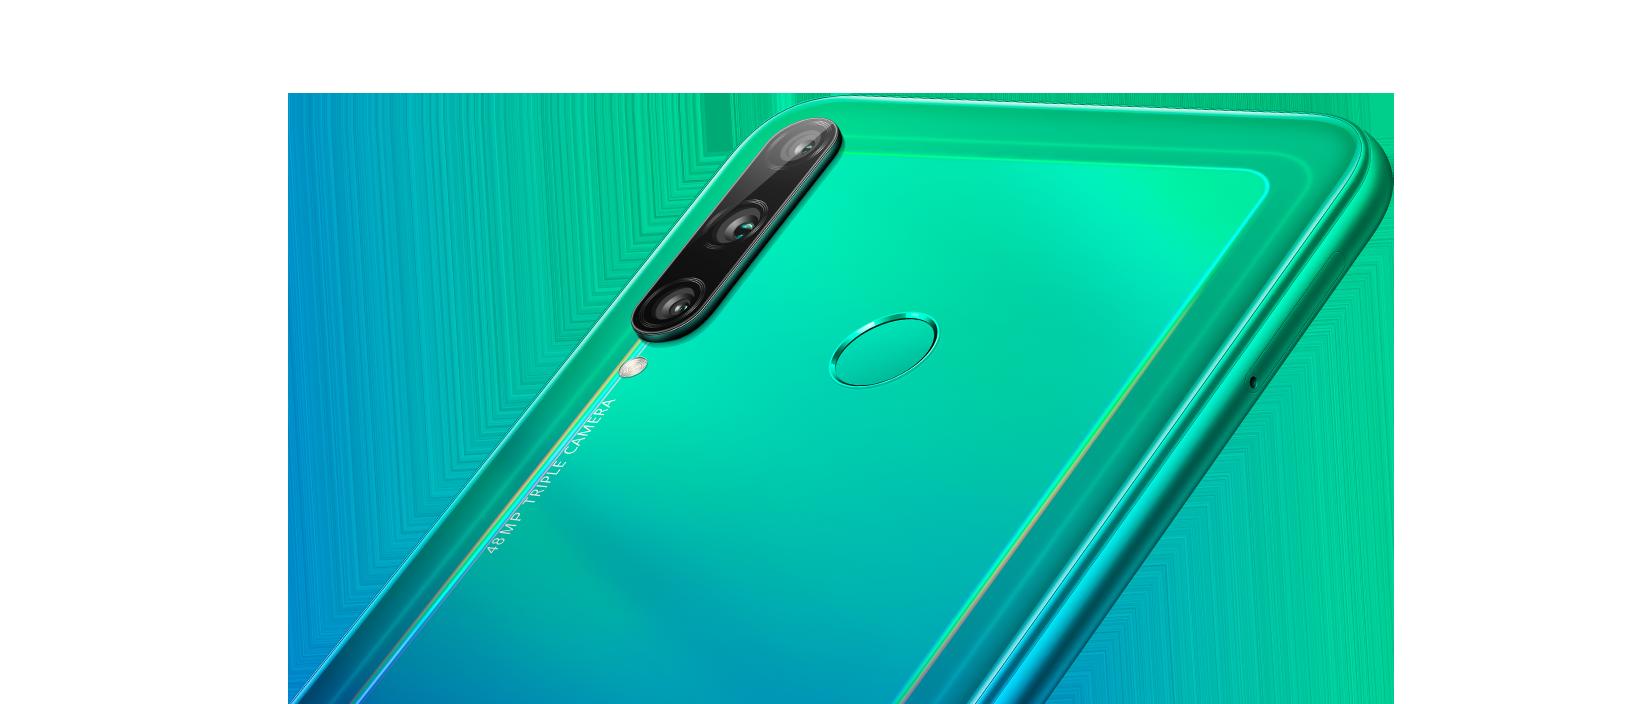 Huawei y7p-fingerprint unlock phone